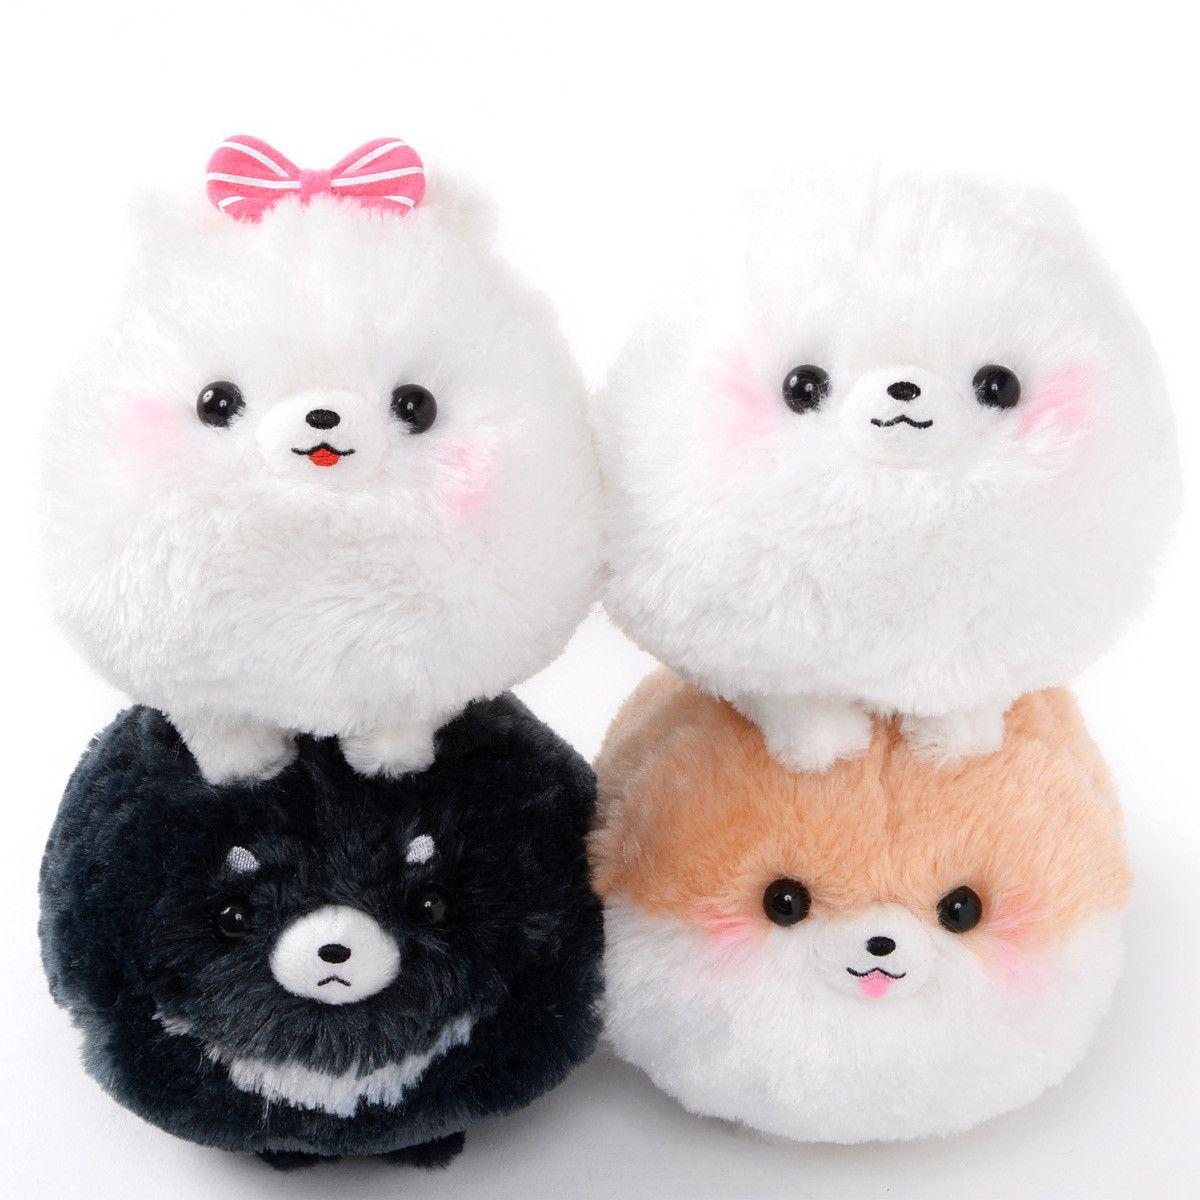 Set Of Dog Stuffed Animals, Fuwa Mofu Pometan Dog Plush Collection Standard Sewing Stuffed Animals Kawaii Plush Cute Stuffed Animals